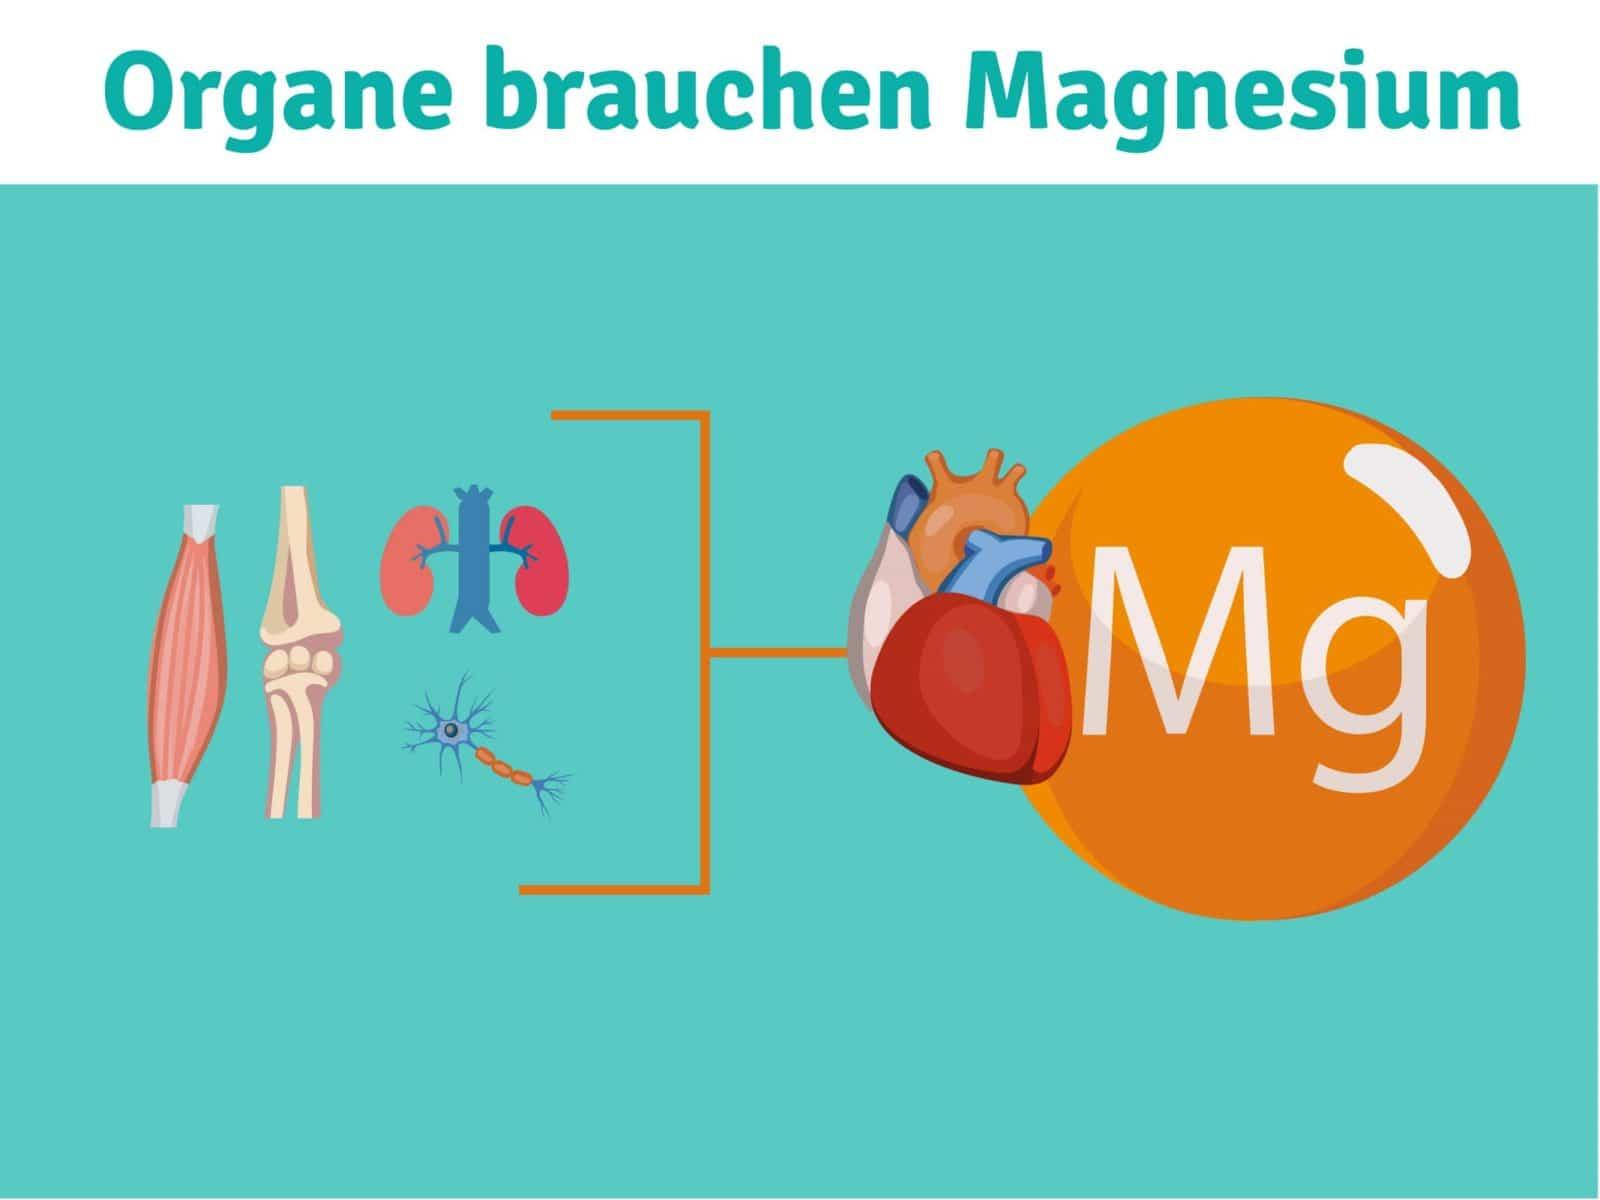 Organe brauchen Magnesium Diabetes Magnesimmangel Knochen Muskeln